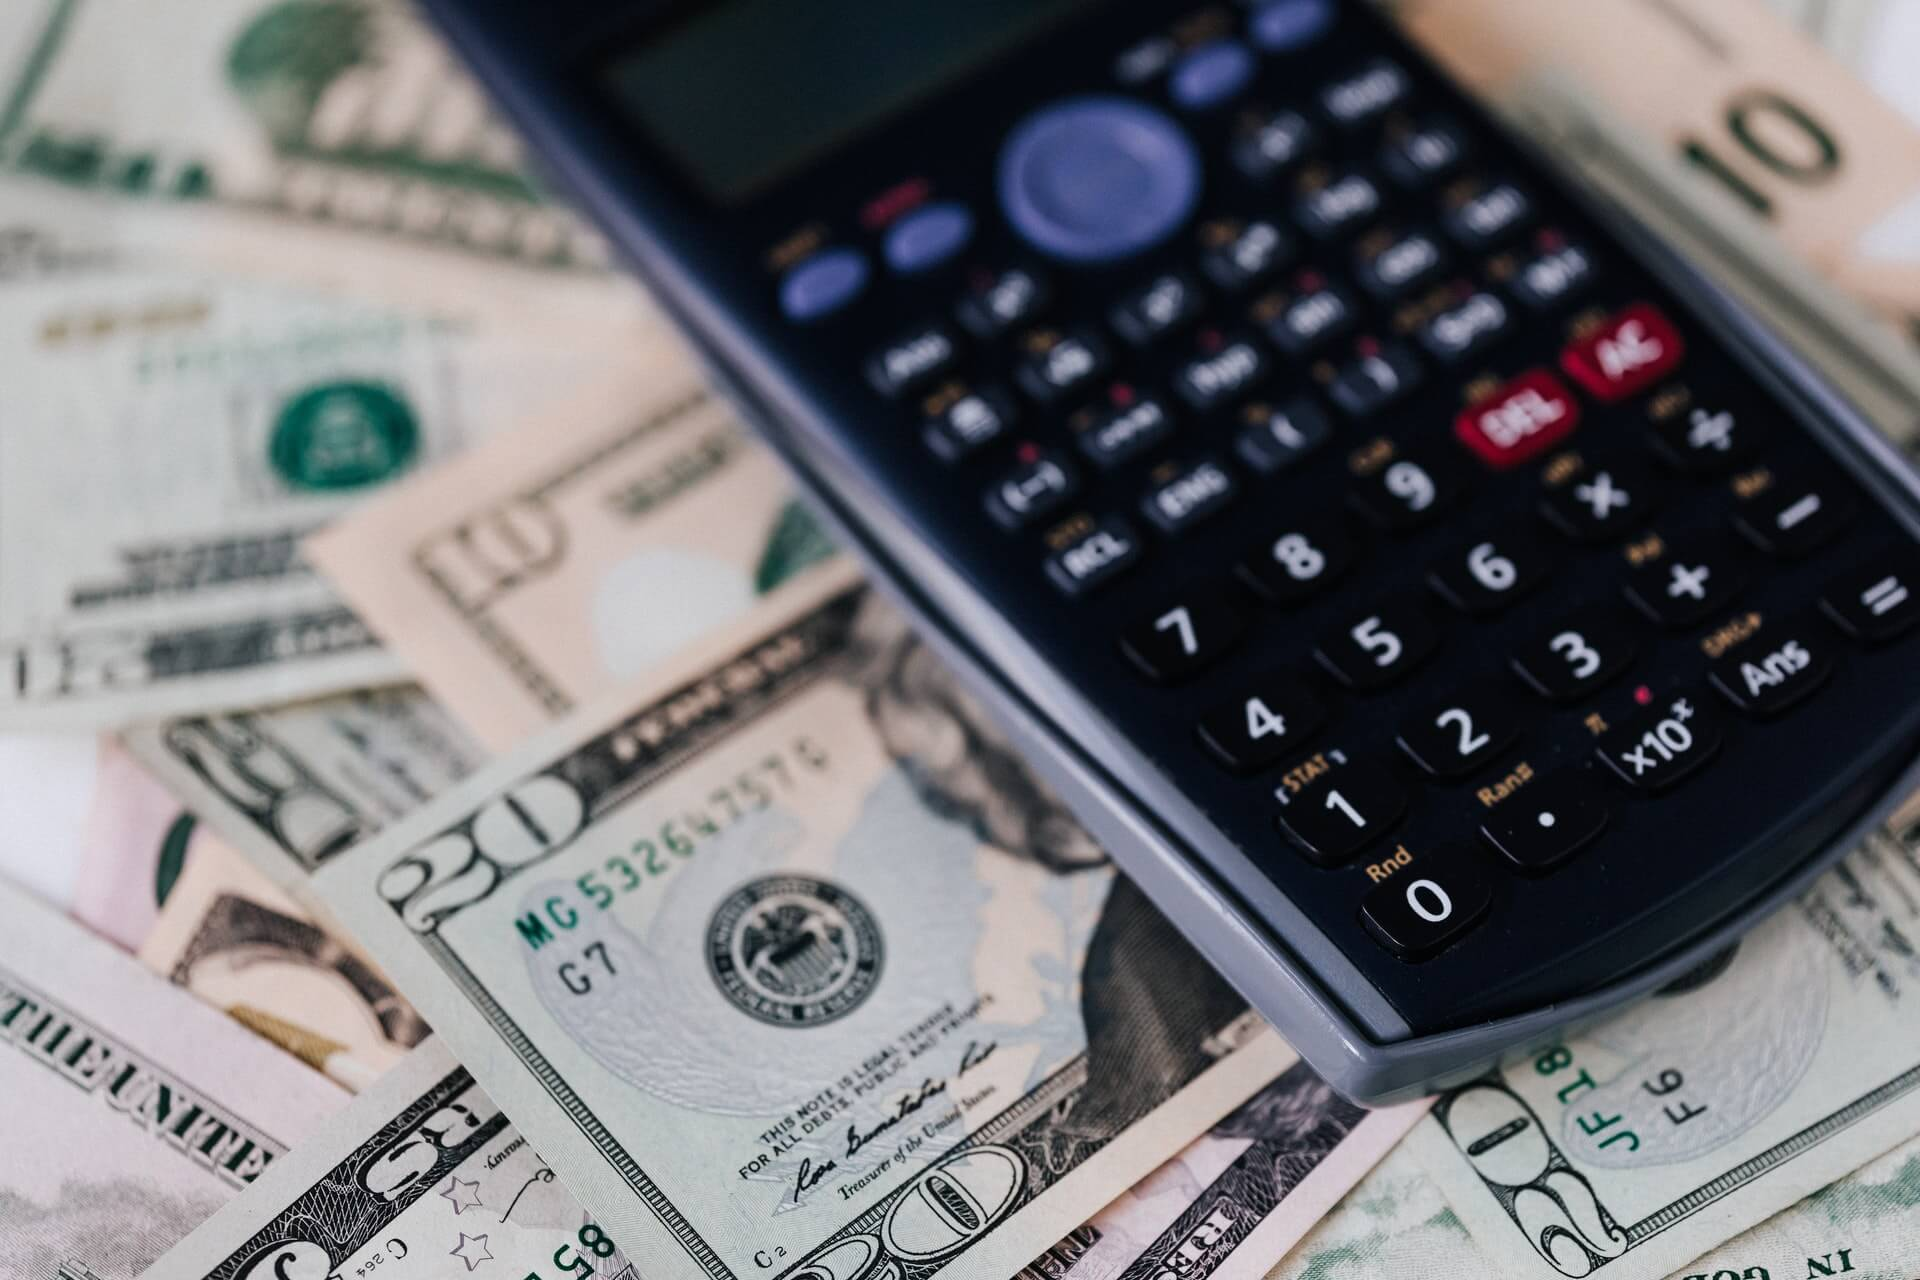 Vemos uma calculadora sobre um monte de notas de dinheiro (imagem ilustrativa). Texto: franquia de recreação infantil YouPlay.